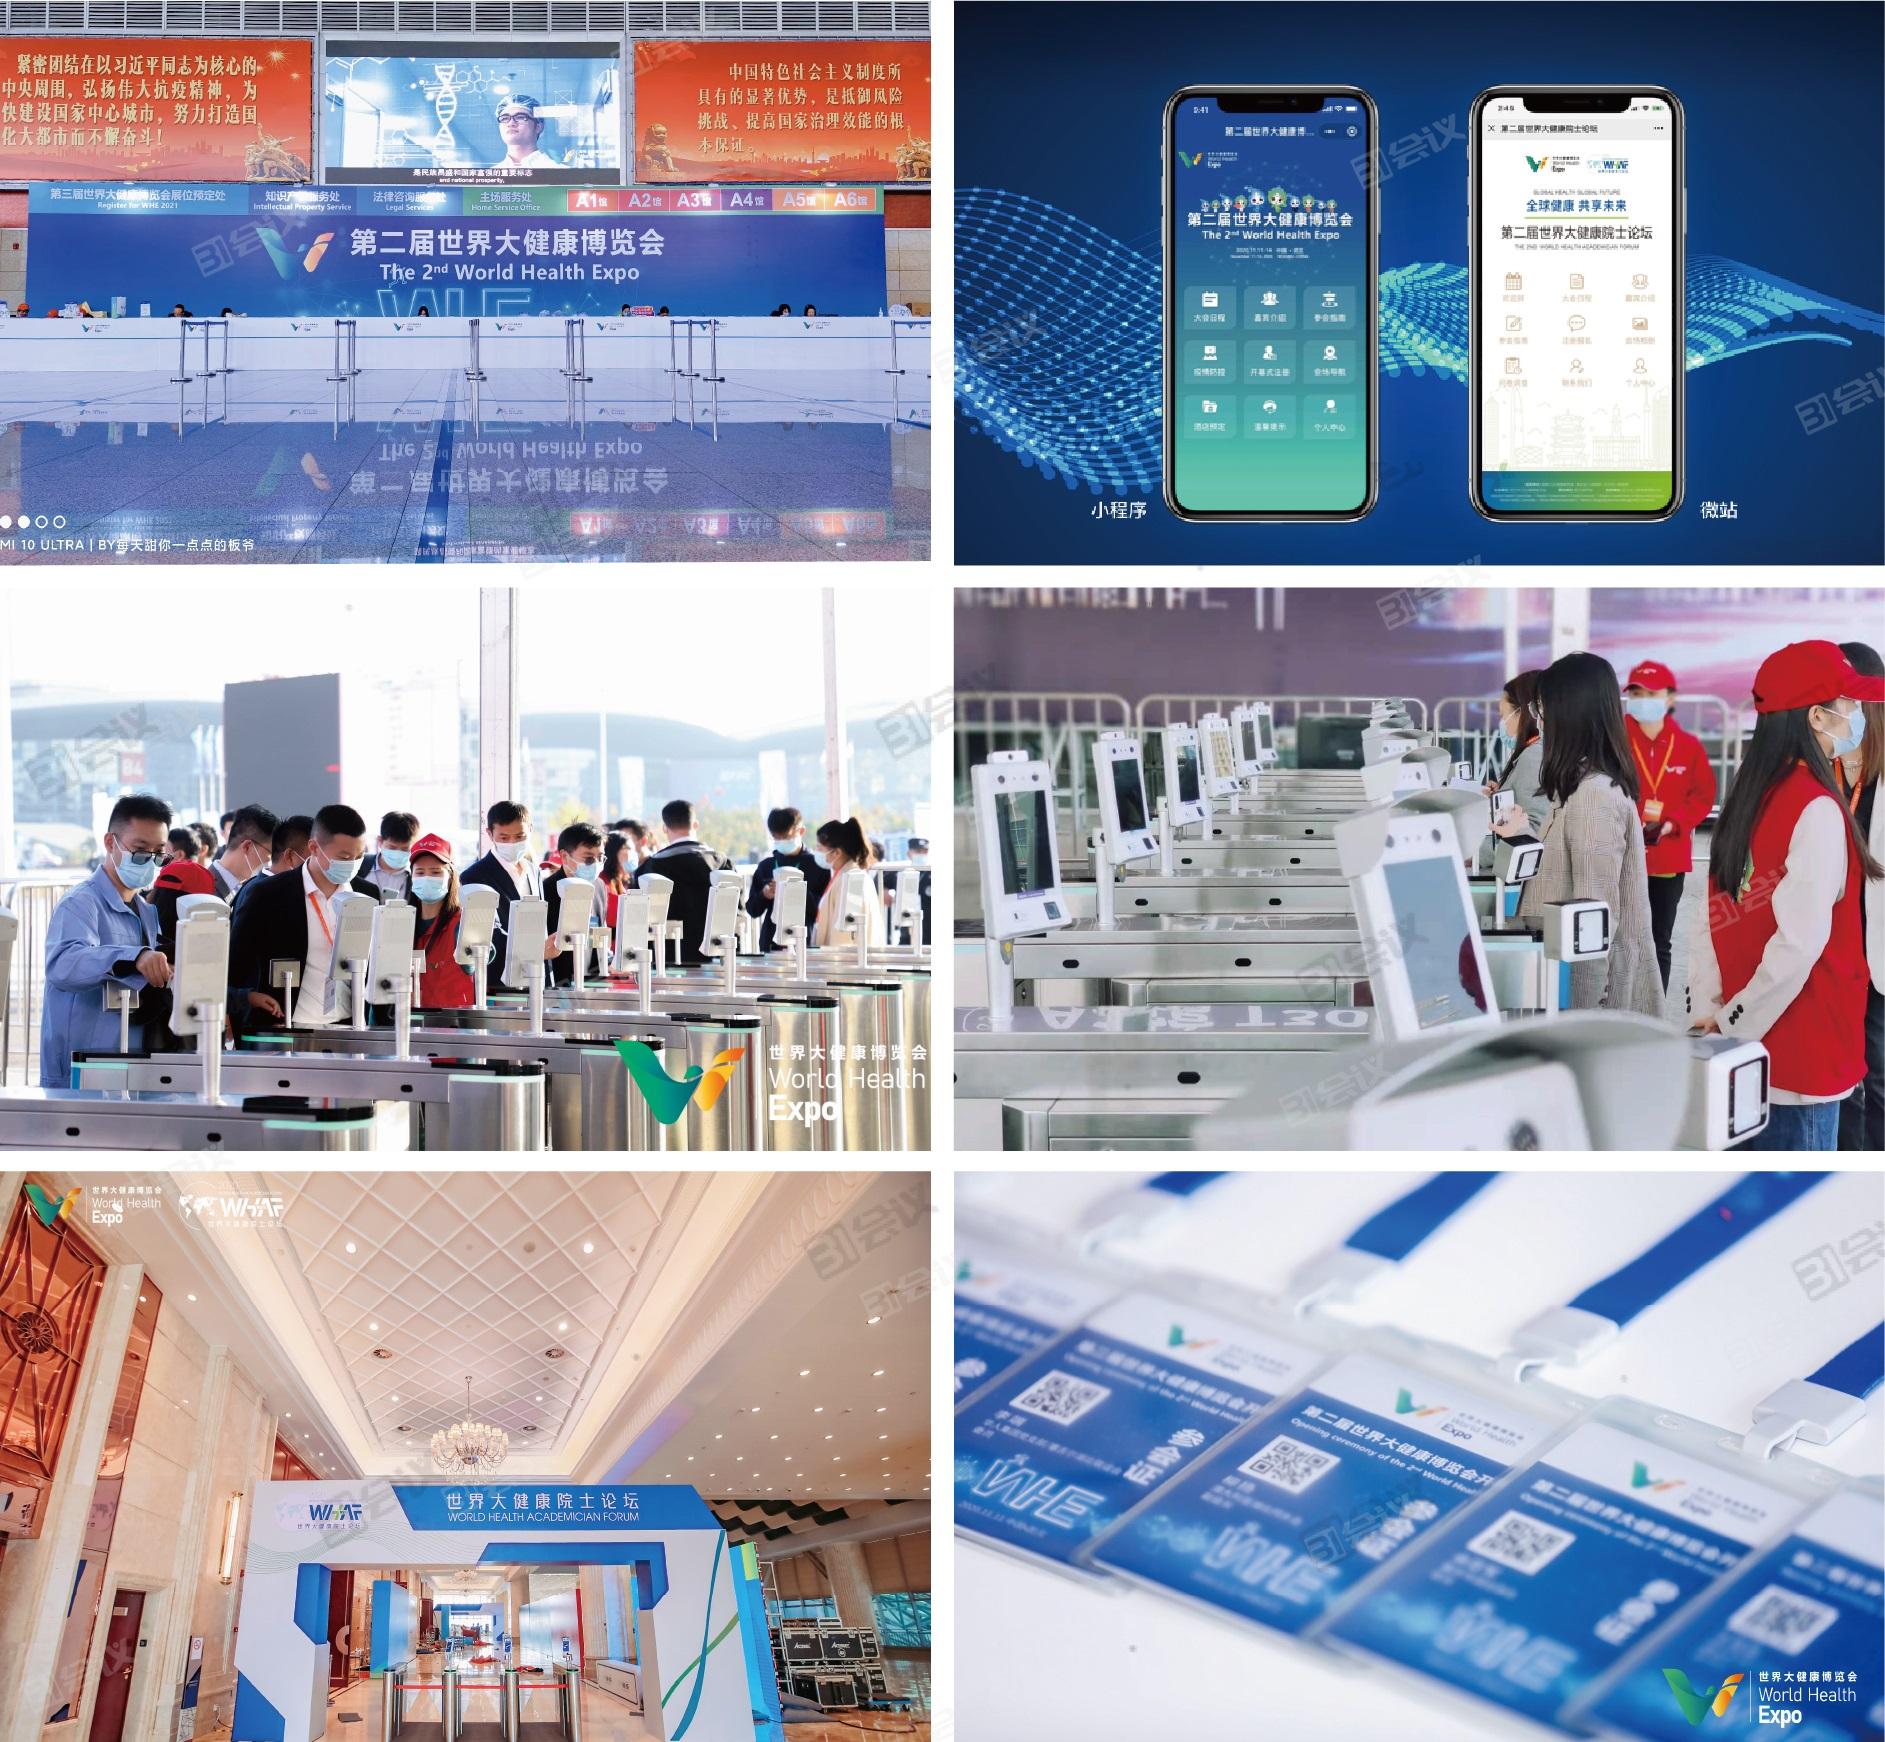 5-第二届世界大健康博览会.jpg